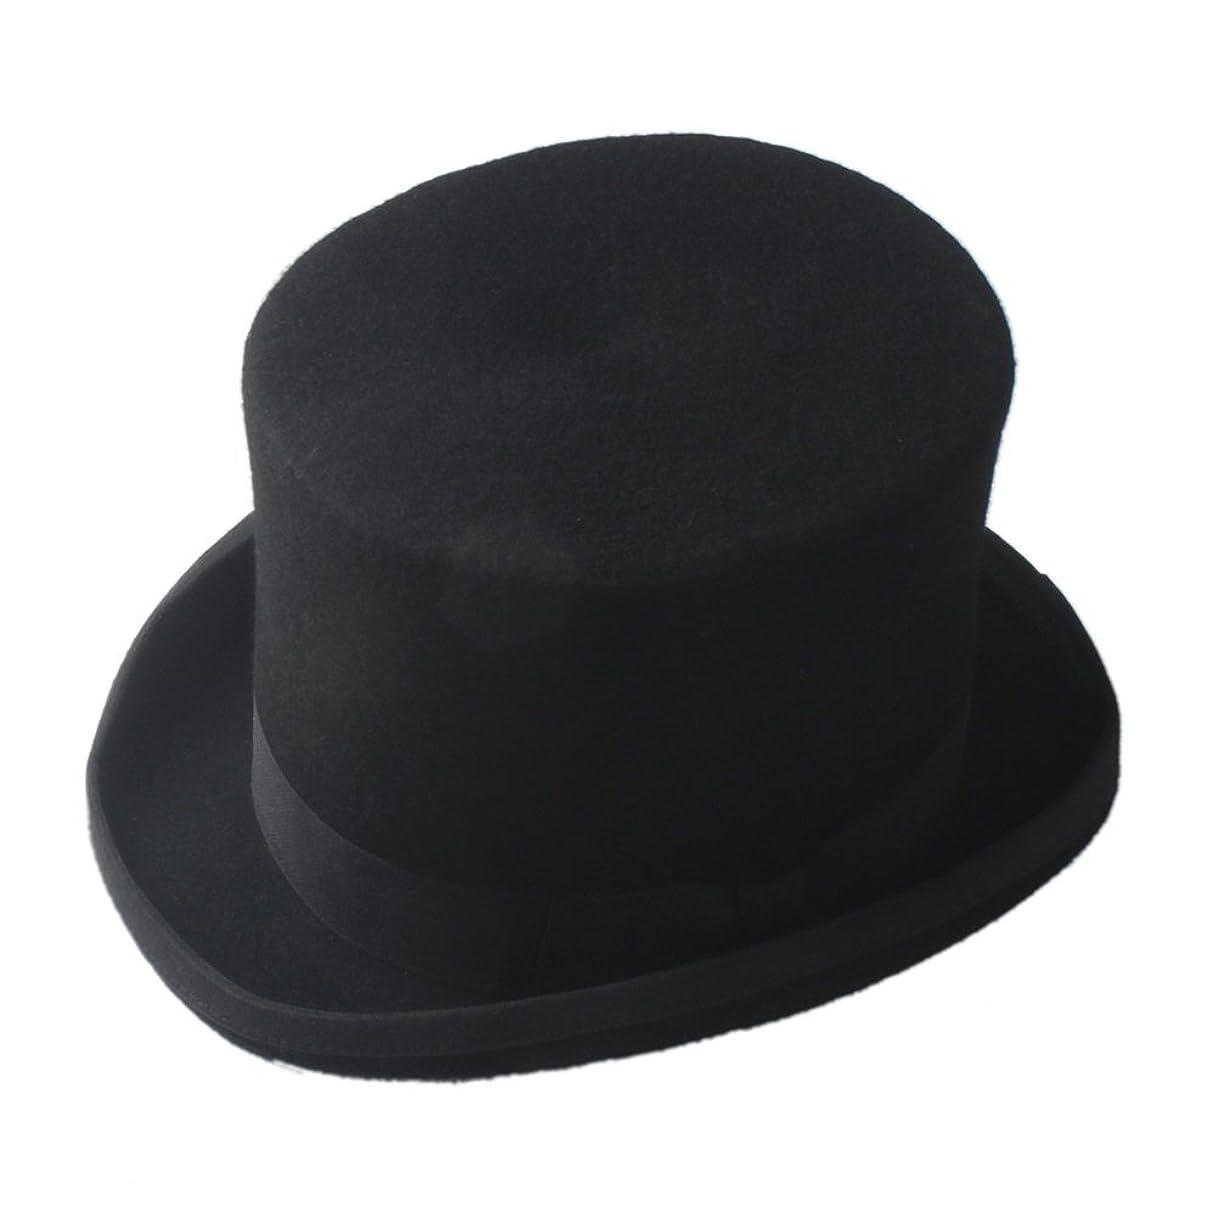 歯車交渉する拡散するFengheYQ ファッション格好良いスチームパンクマッドハッターシルクハットビクトリア朝ヴィンテージ伝統的なウールフェドラス帽子シリンダー帽子煙突ポット帽子 (Color : Black, Size : 61cm)